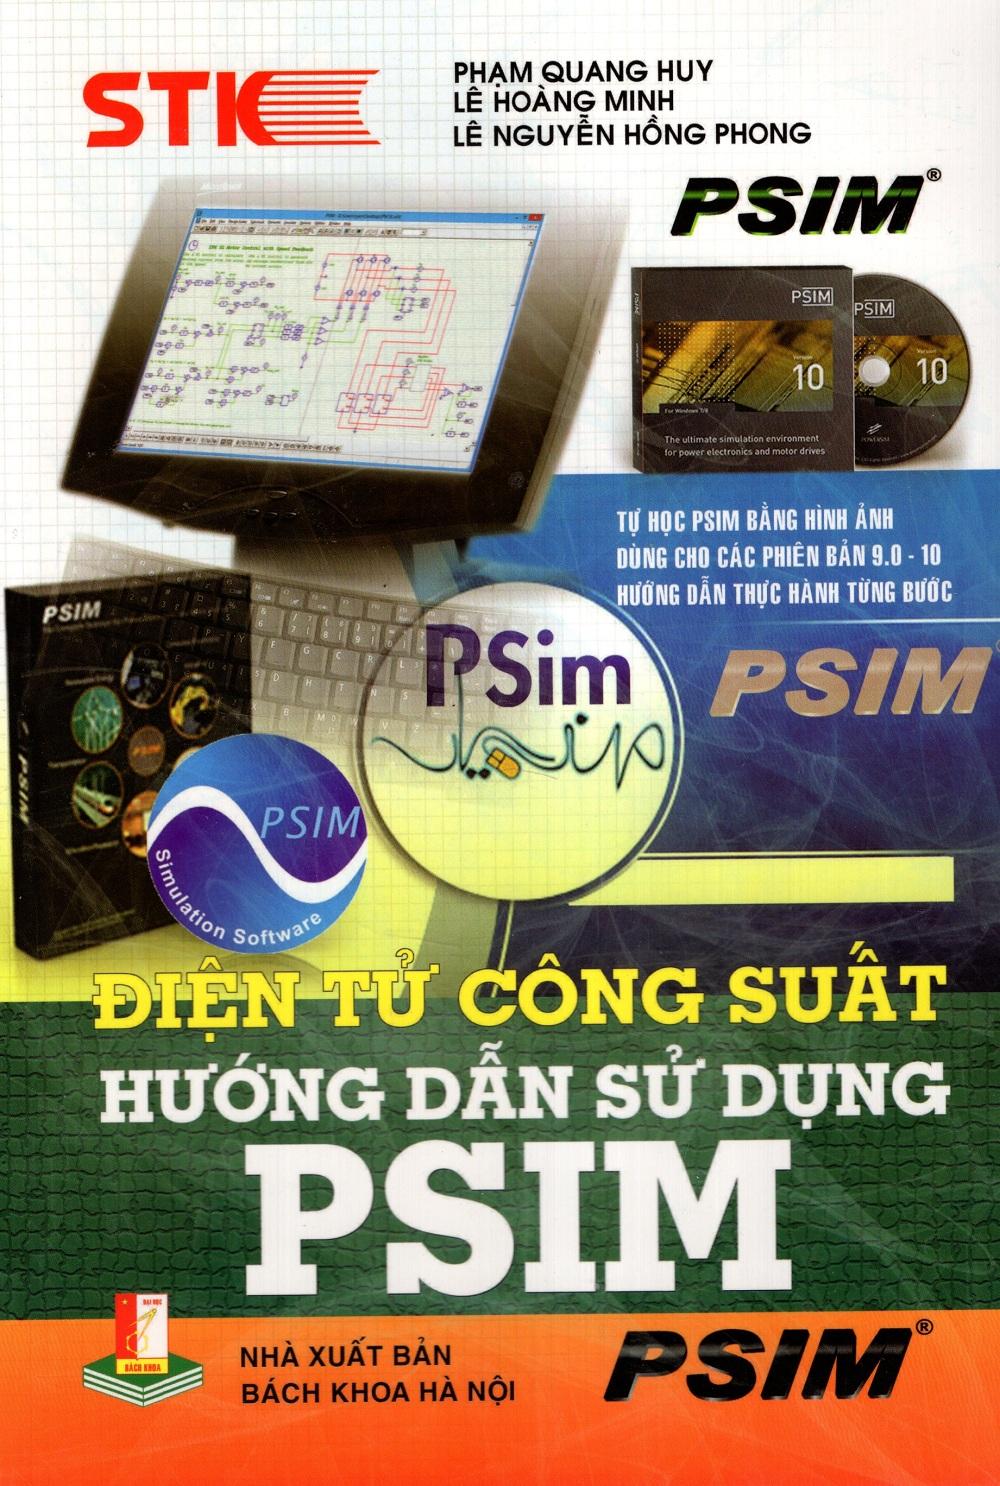 Điện Tử Công Suất – Hướng Dẫn Sử Dụng PSIM